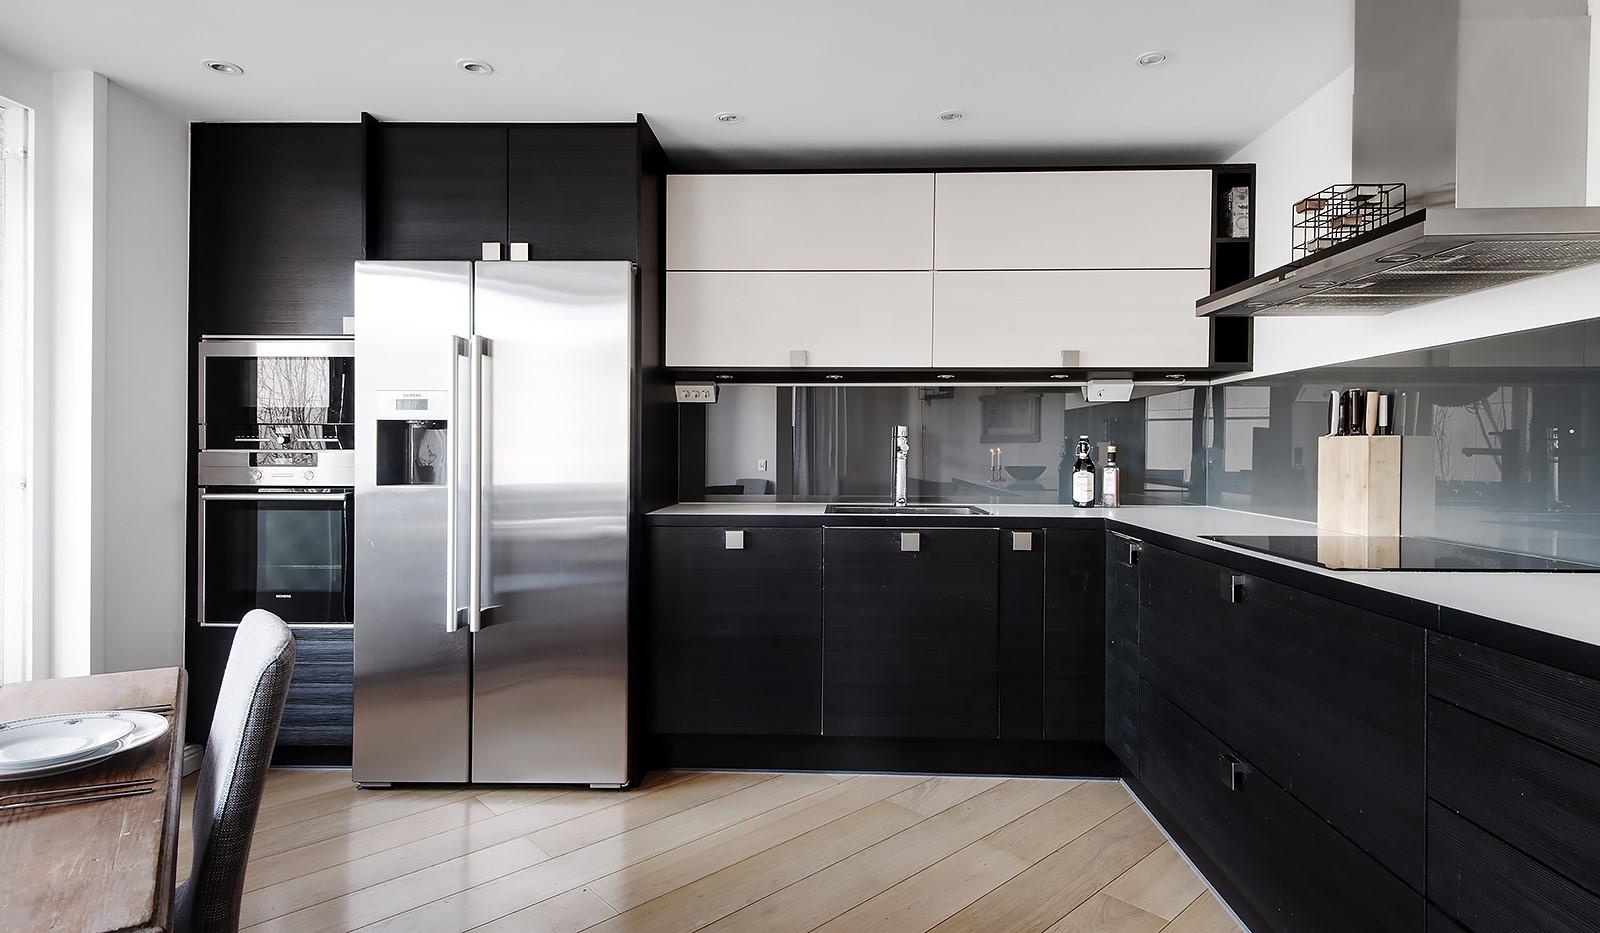 Magnus Ladulåsgatan 49, 4 tr - Stilrent kök